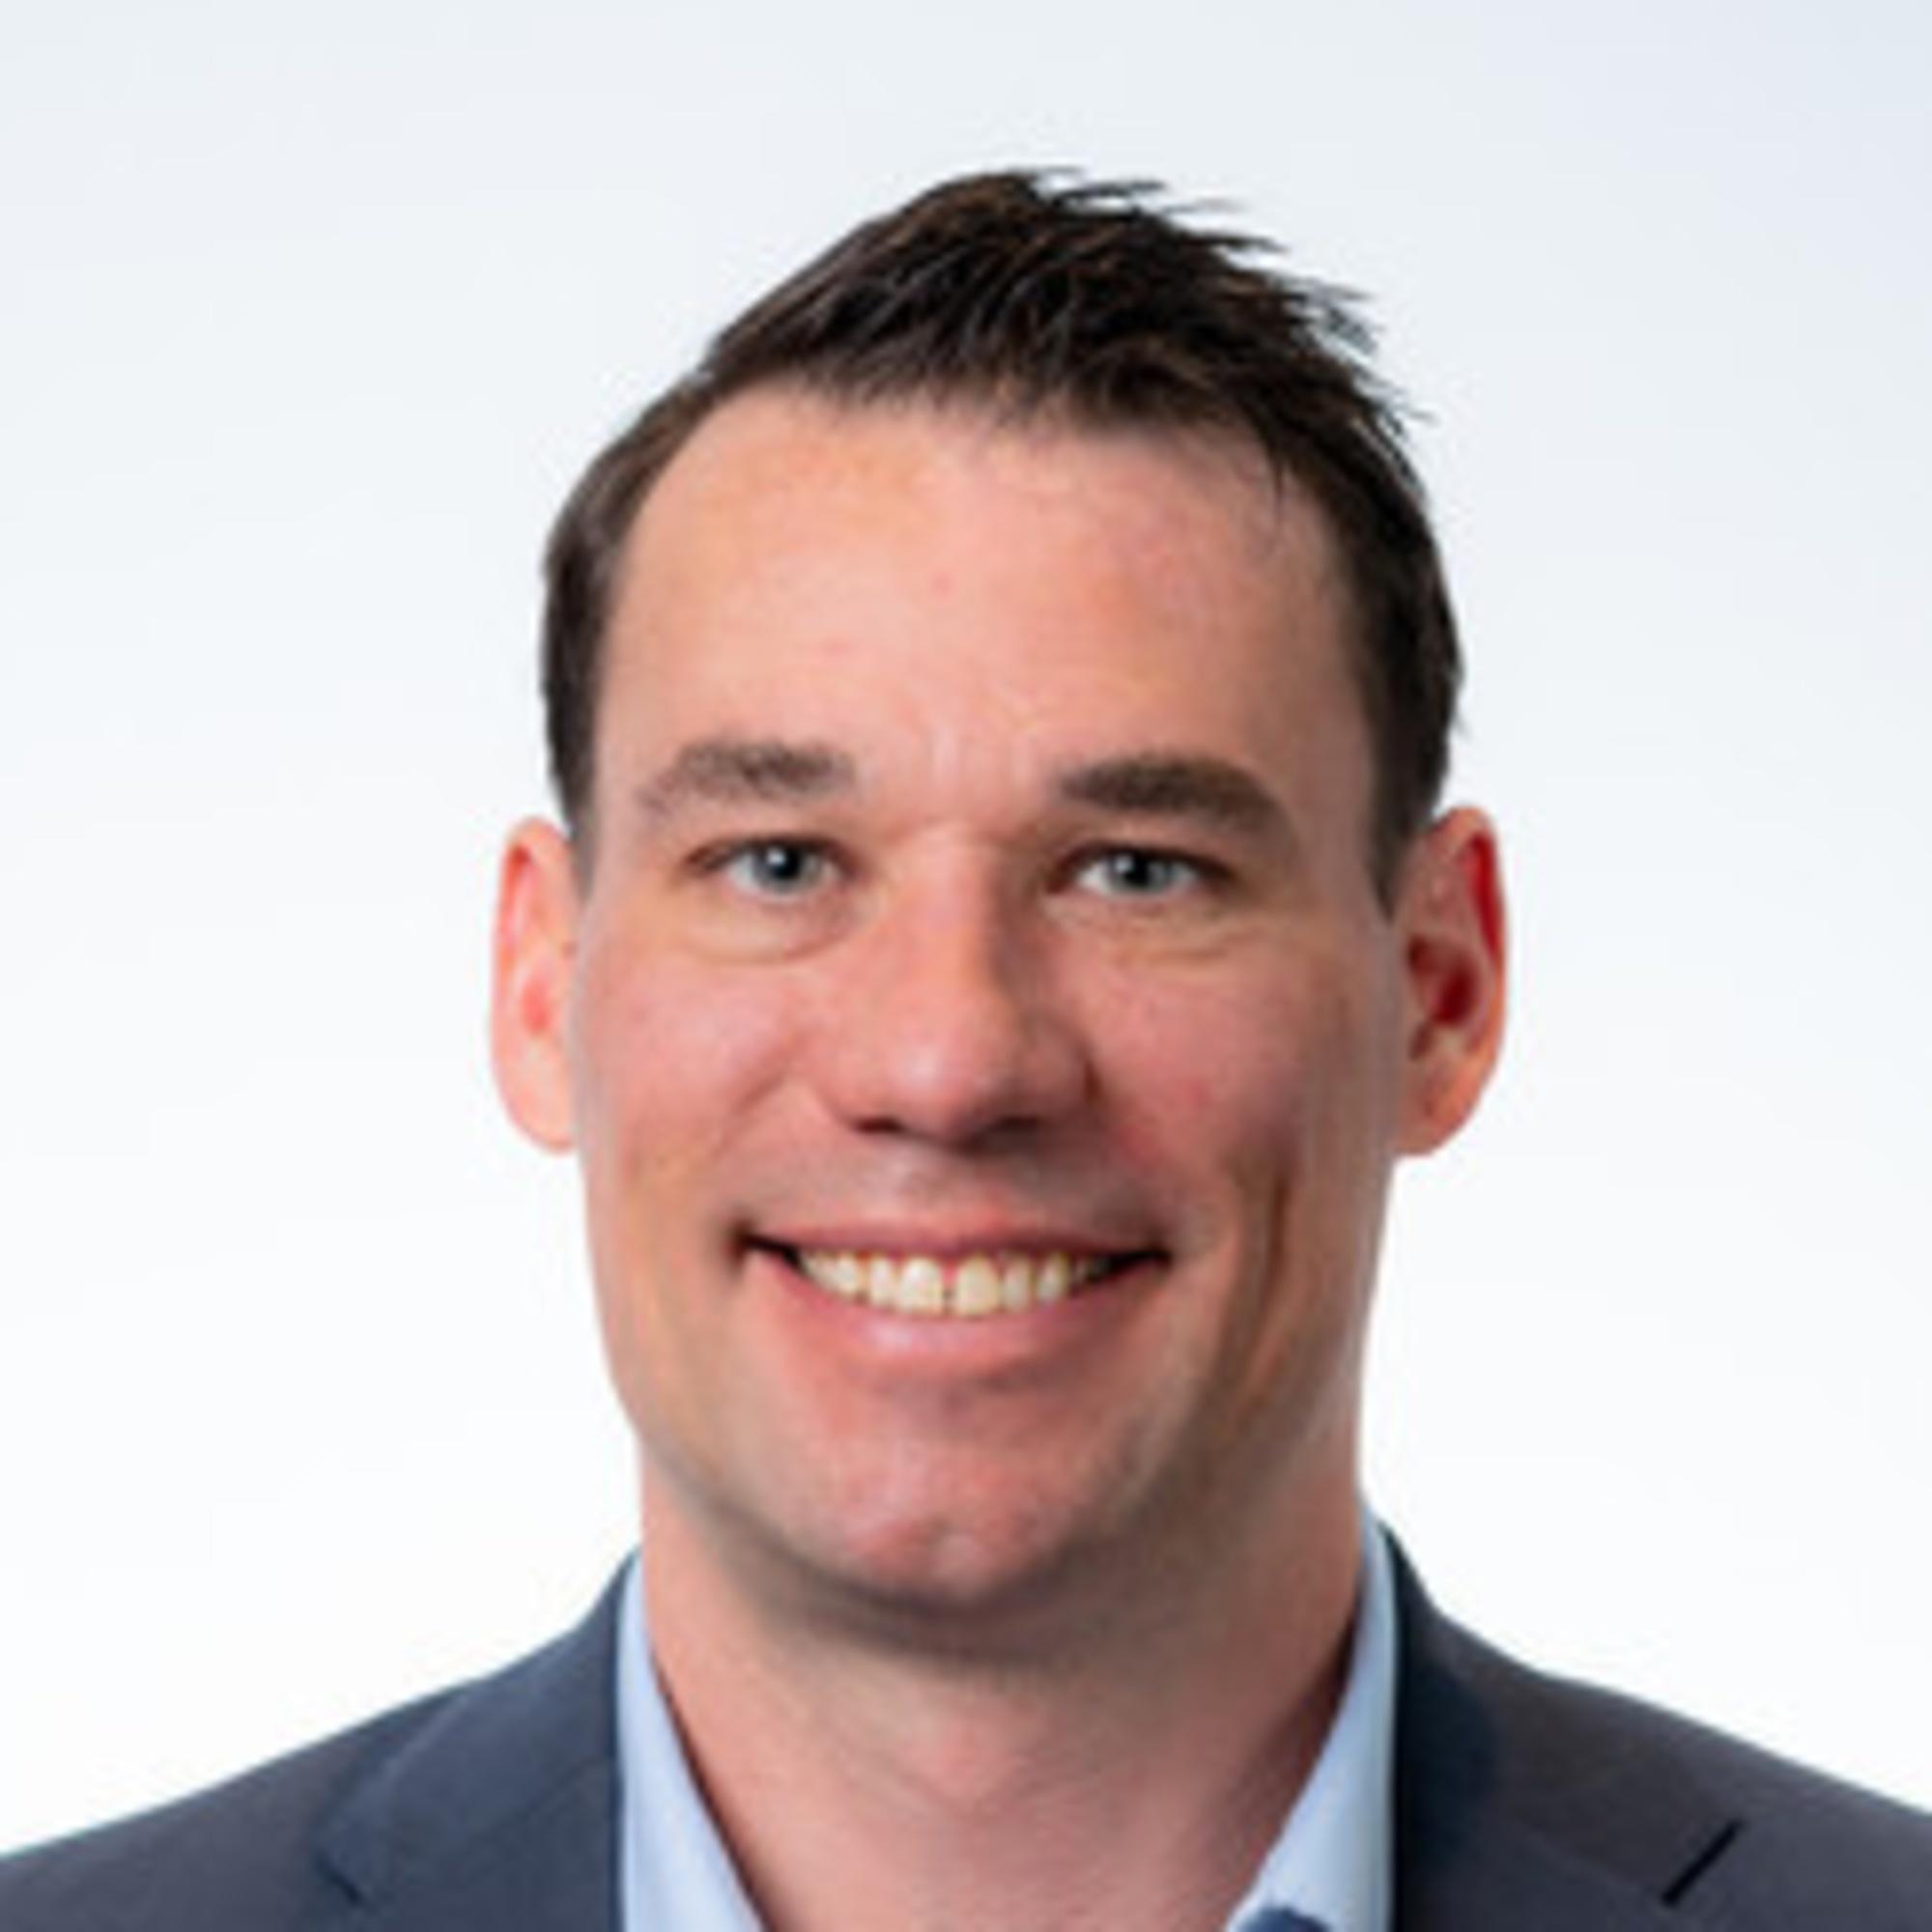 Curtis VanWalleghem